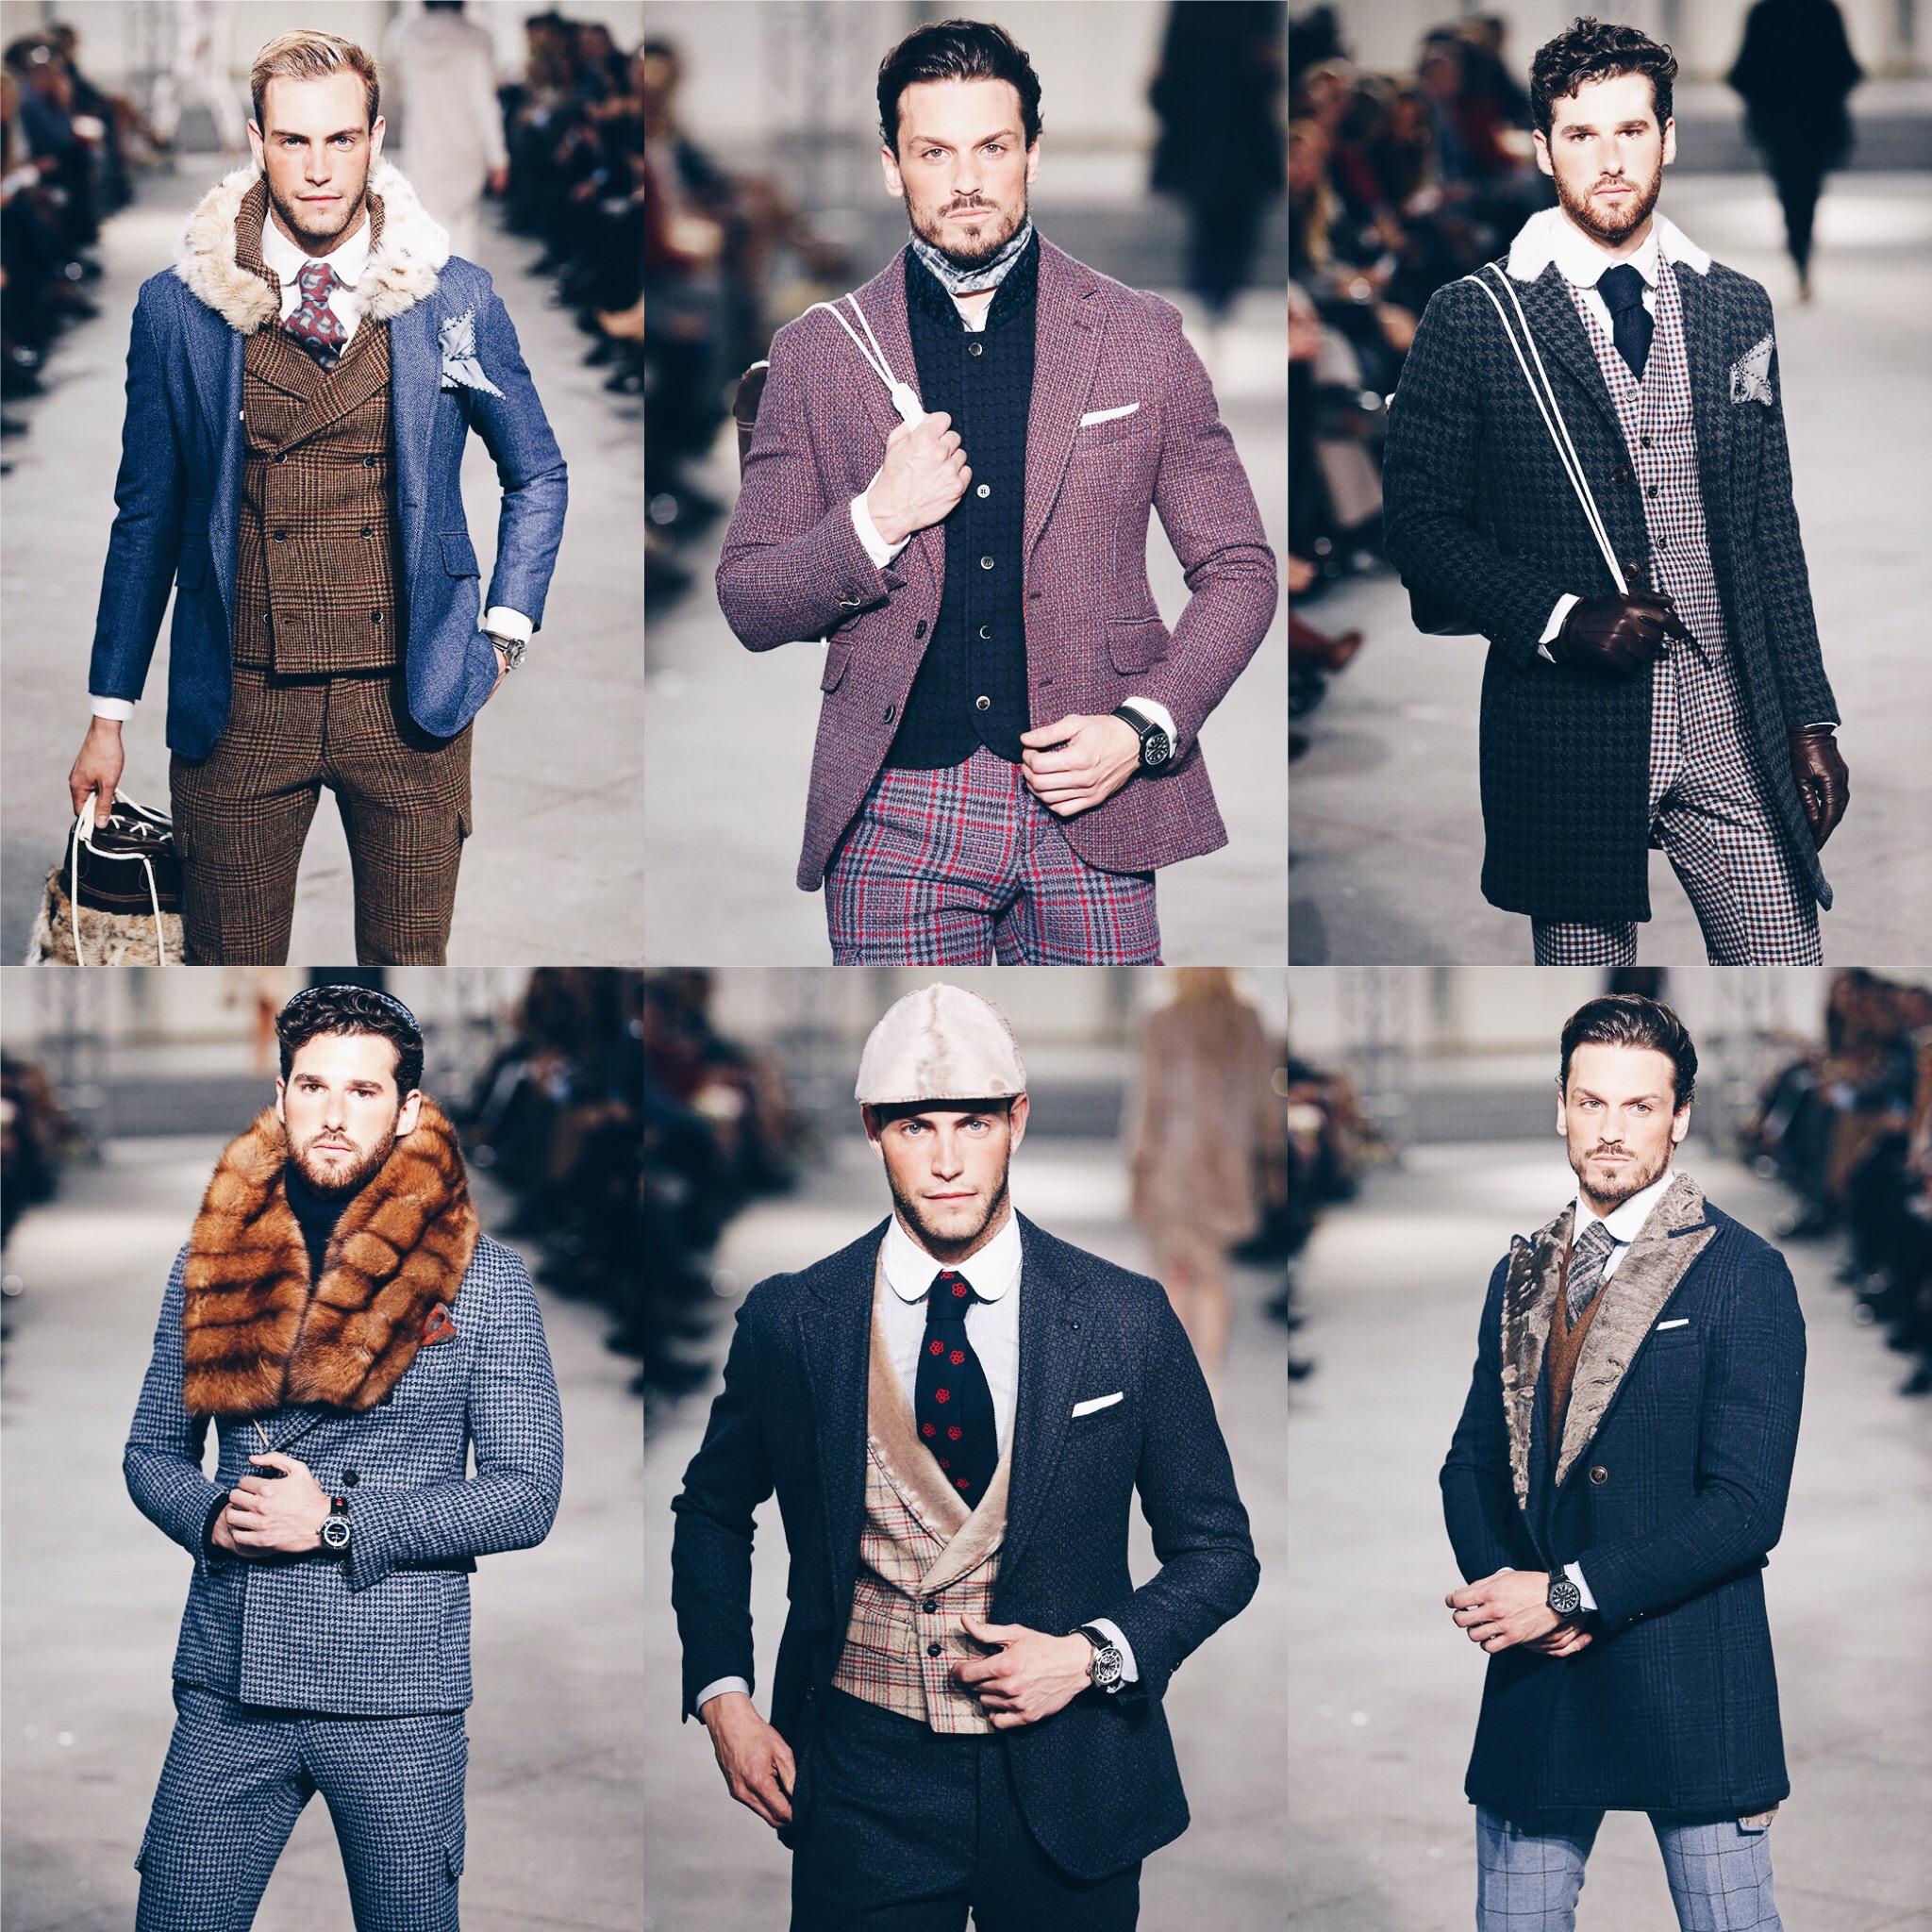 Púgil es una de las marcas de moda masculina más punteras y actuales que  existen en el panorama español. Hace unos días participaron en un desfile  junto al ... 4ab4e8a552b